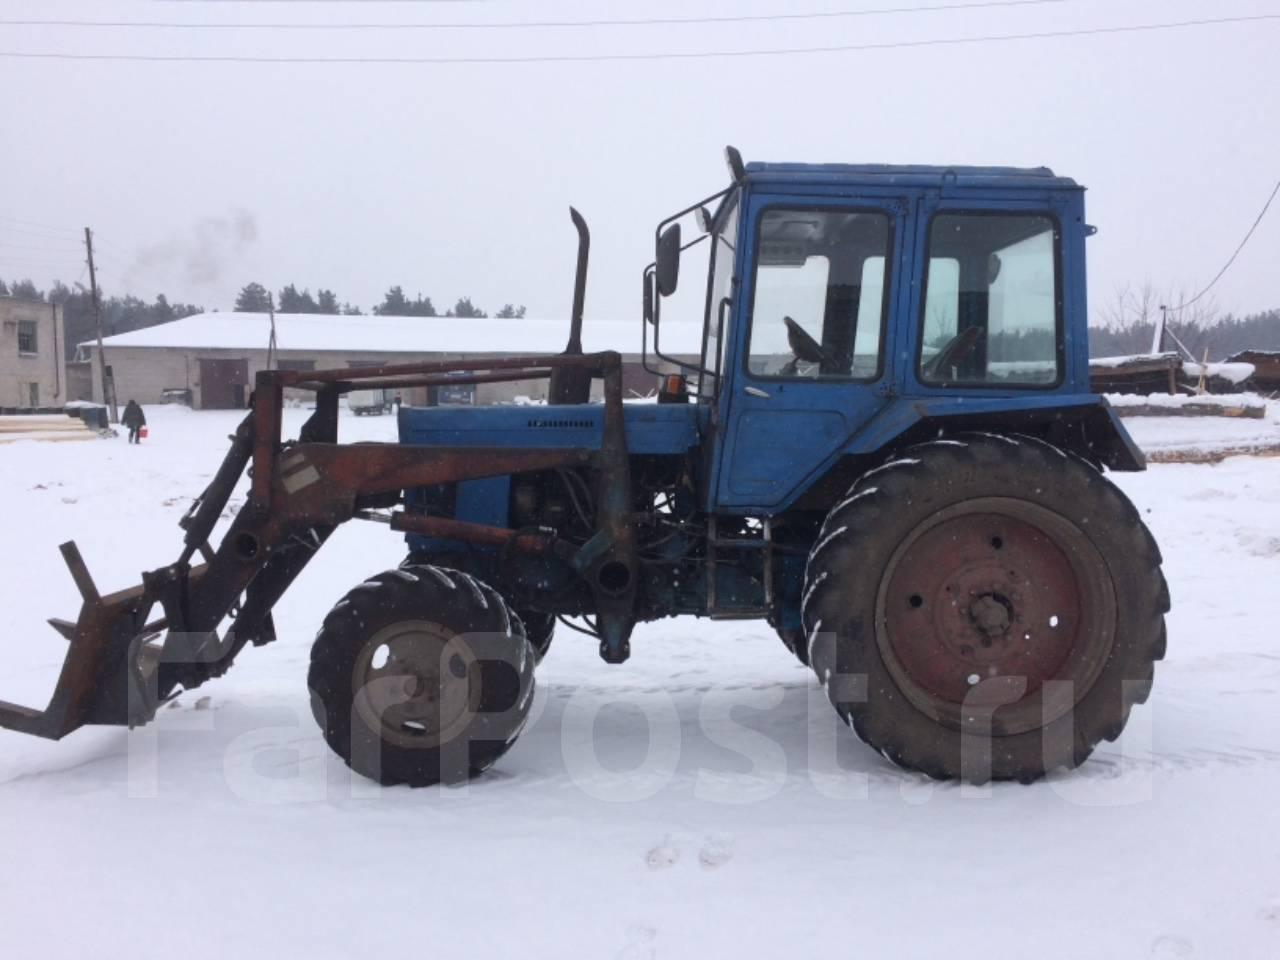 Трактора доска объявлений 124 аvто.ry создание сайтов объявление бесплатное